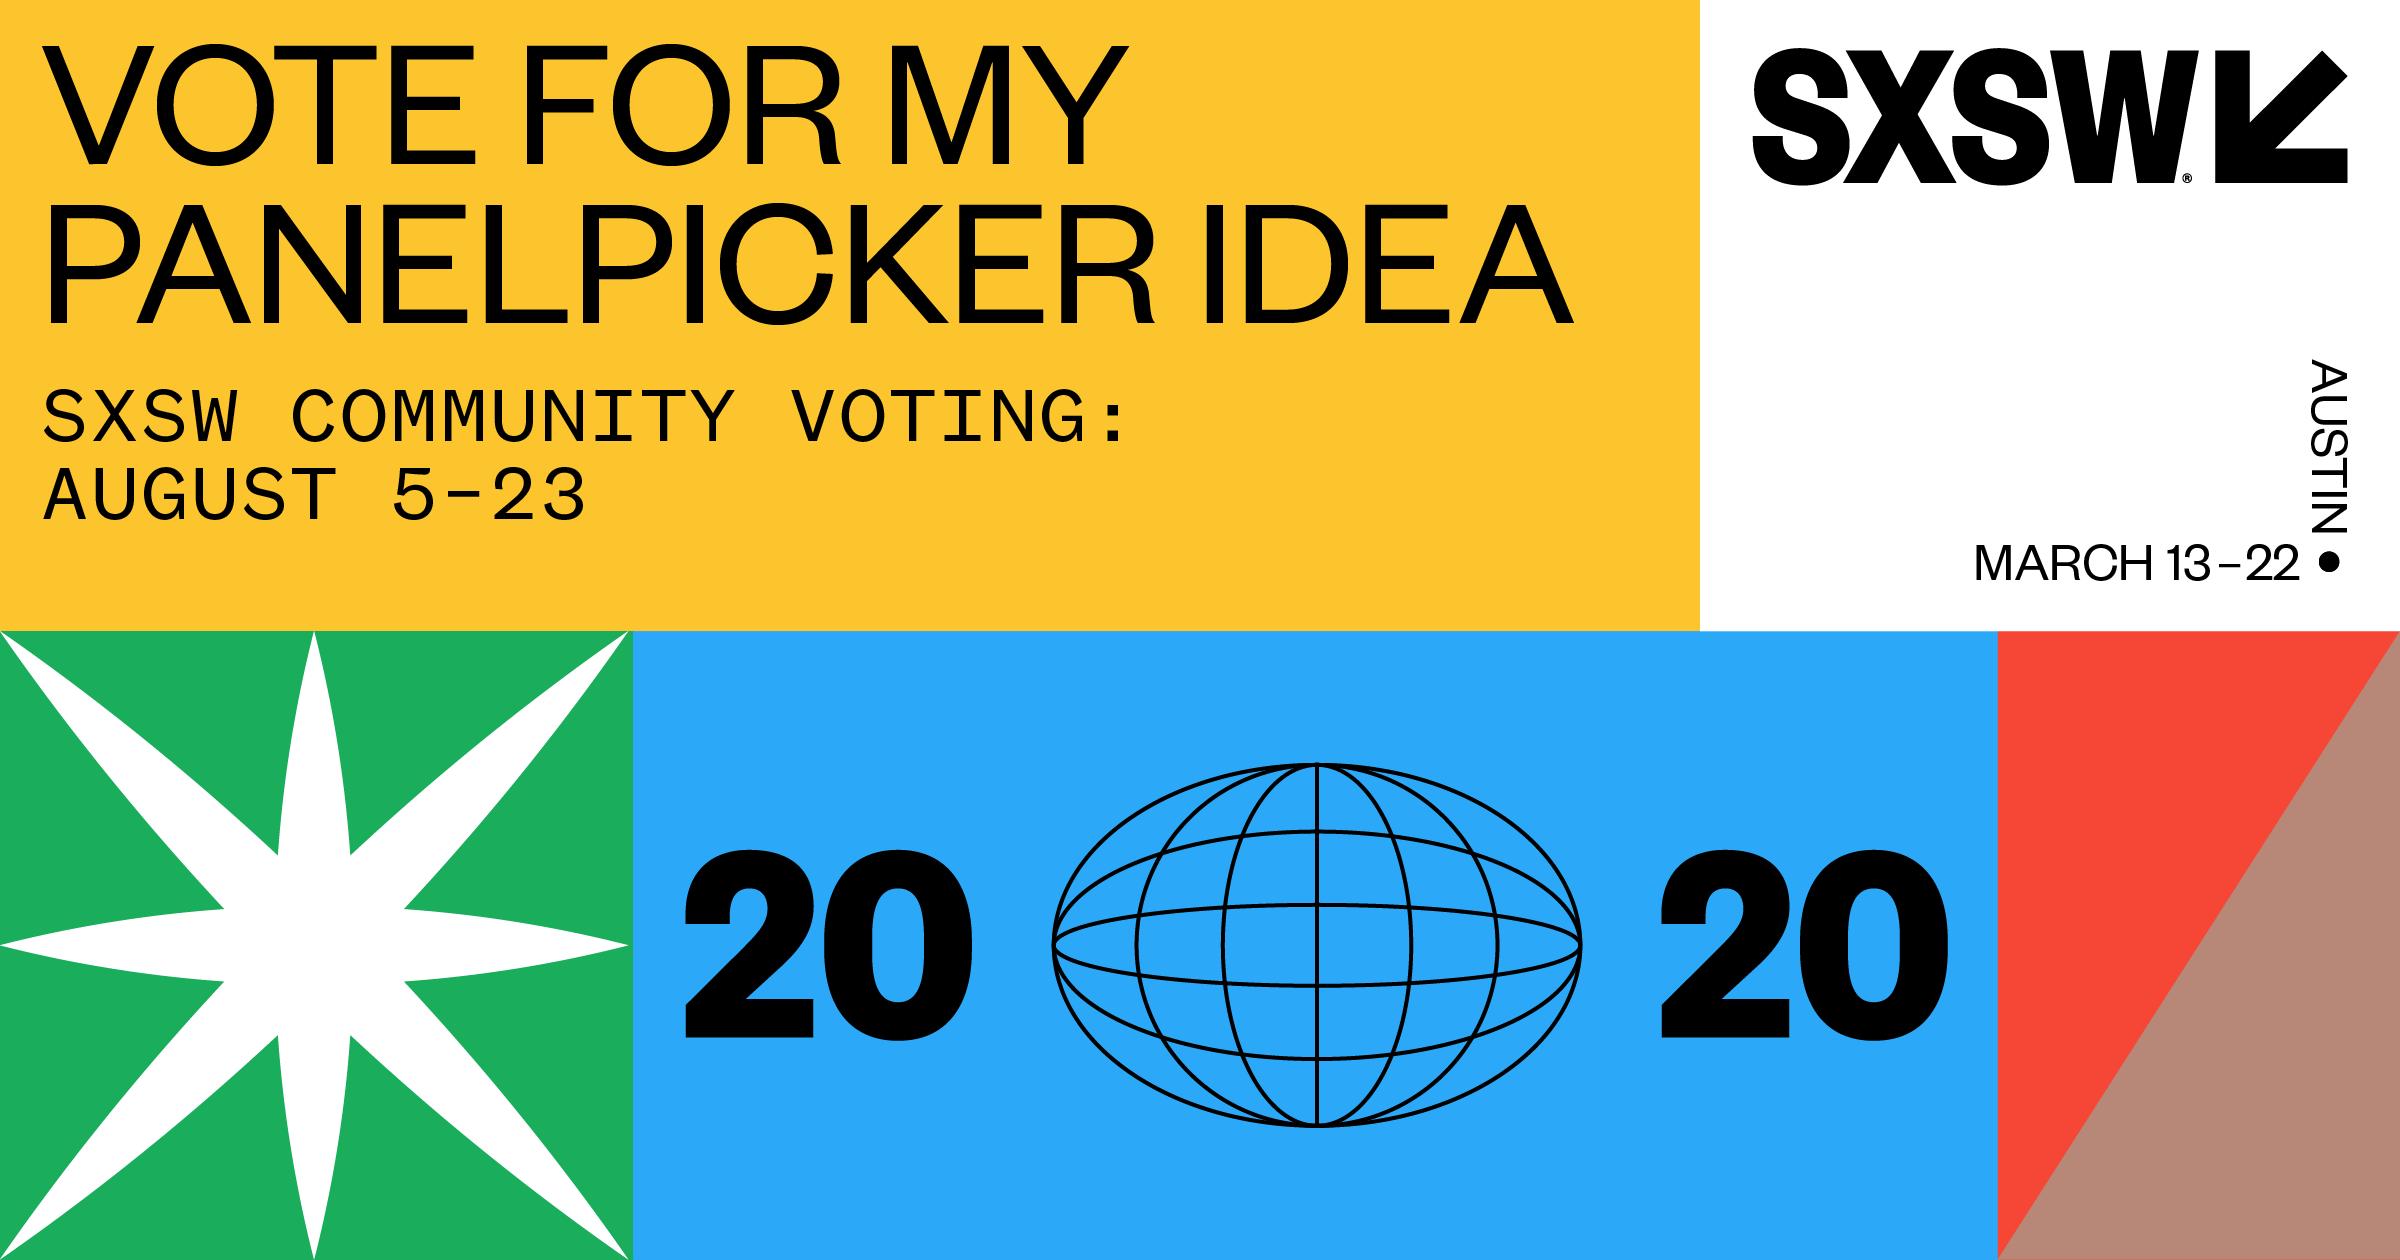 SXSW PanelPicker 2020 voting